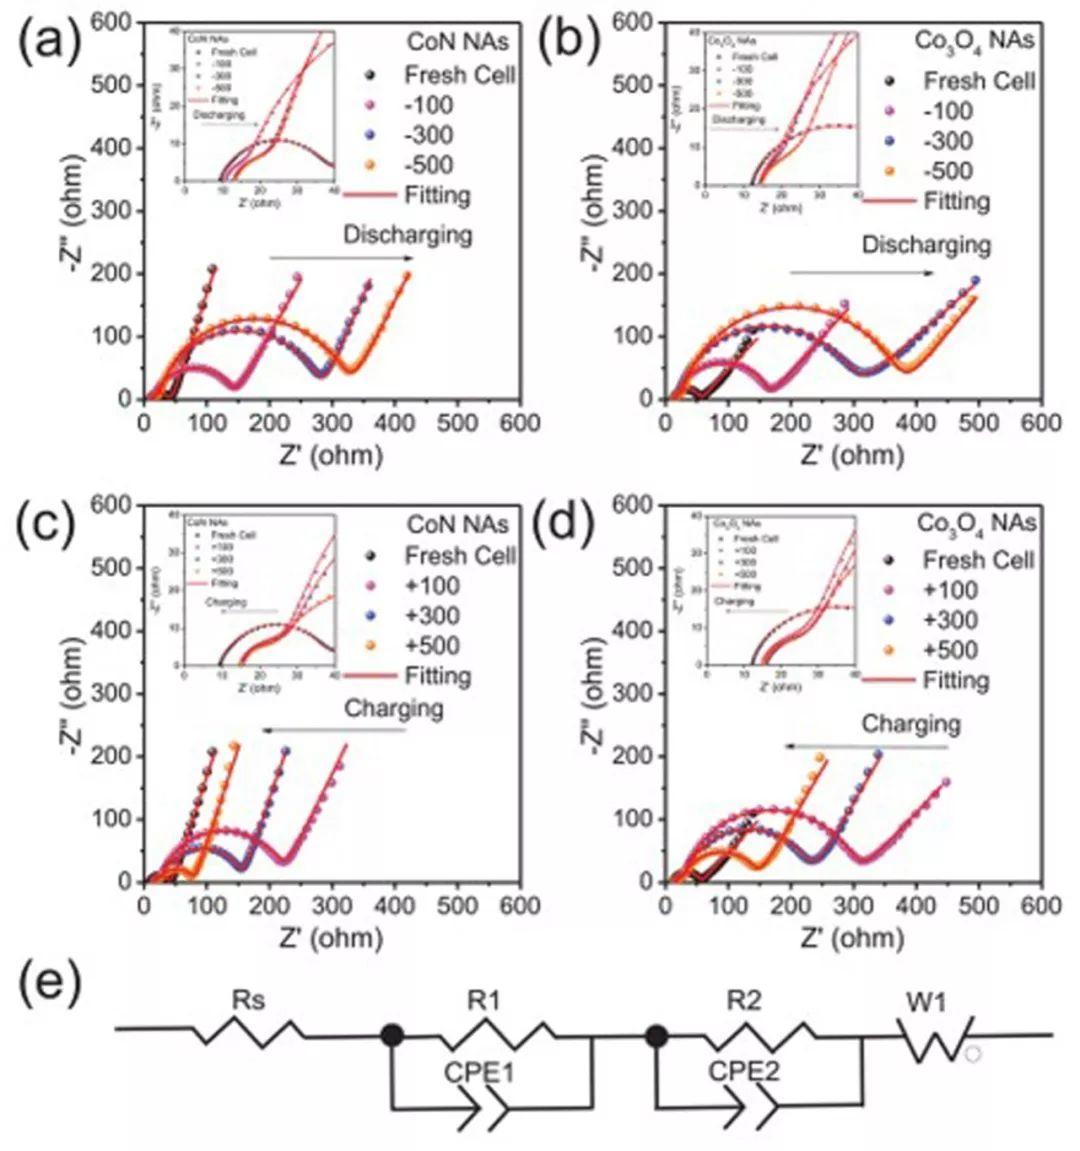 刘金平&肖亮Small Methods:电子结构和电极构型的组合设计构建锂氧电池低过电位氧气电极